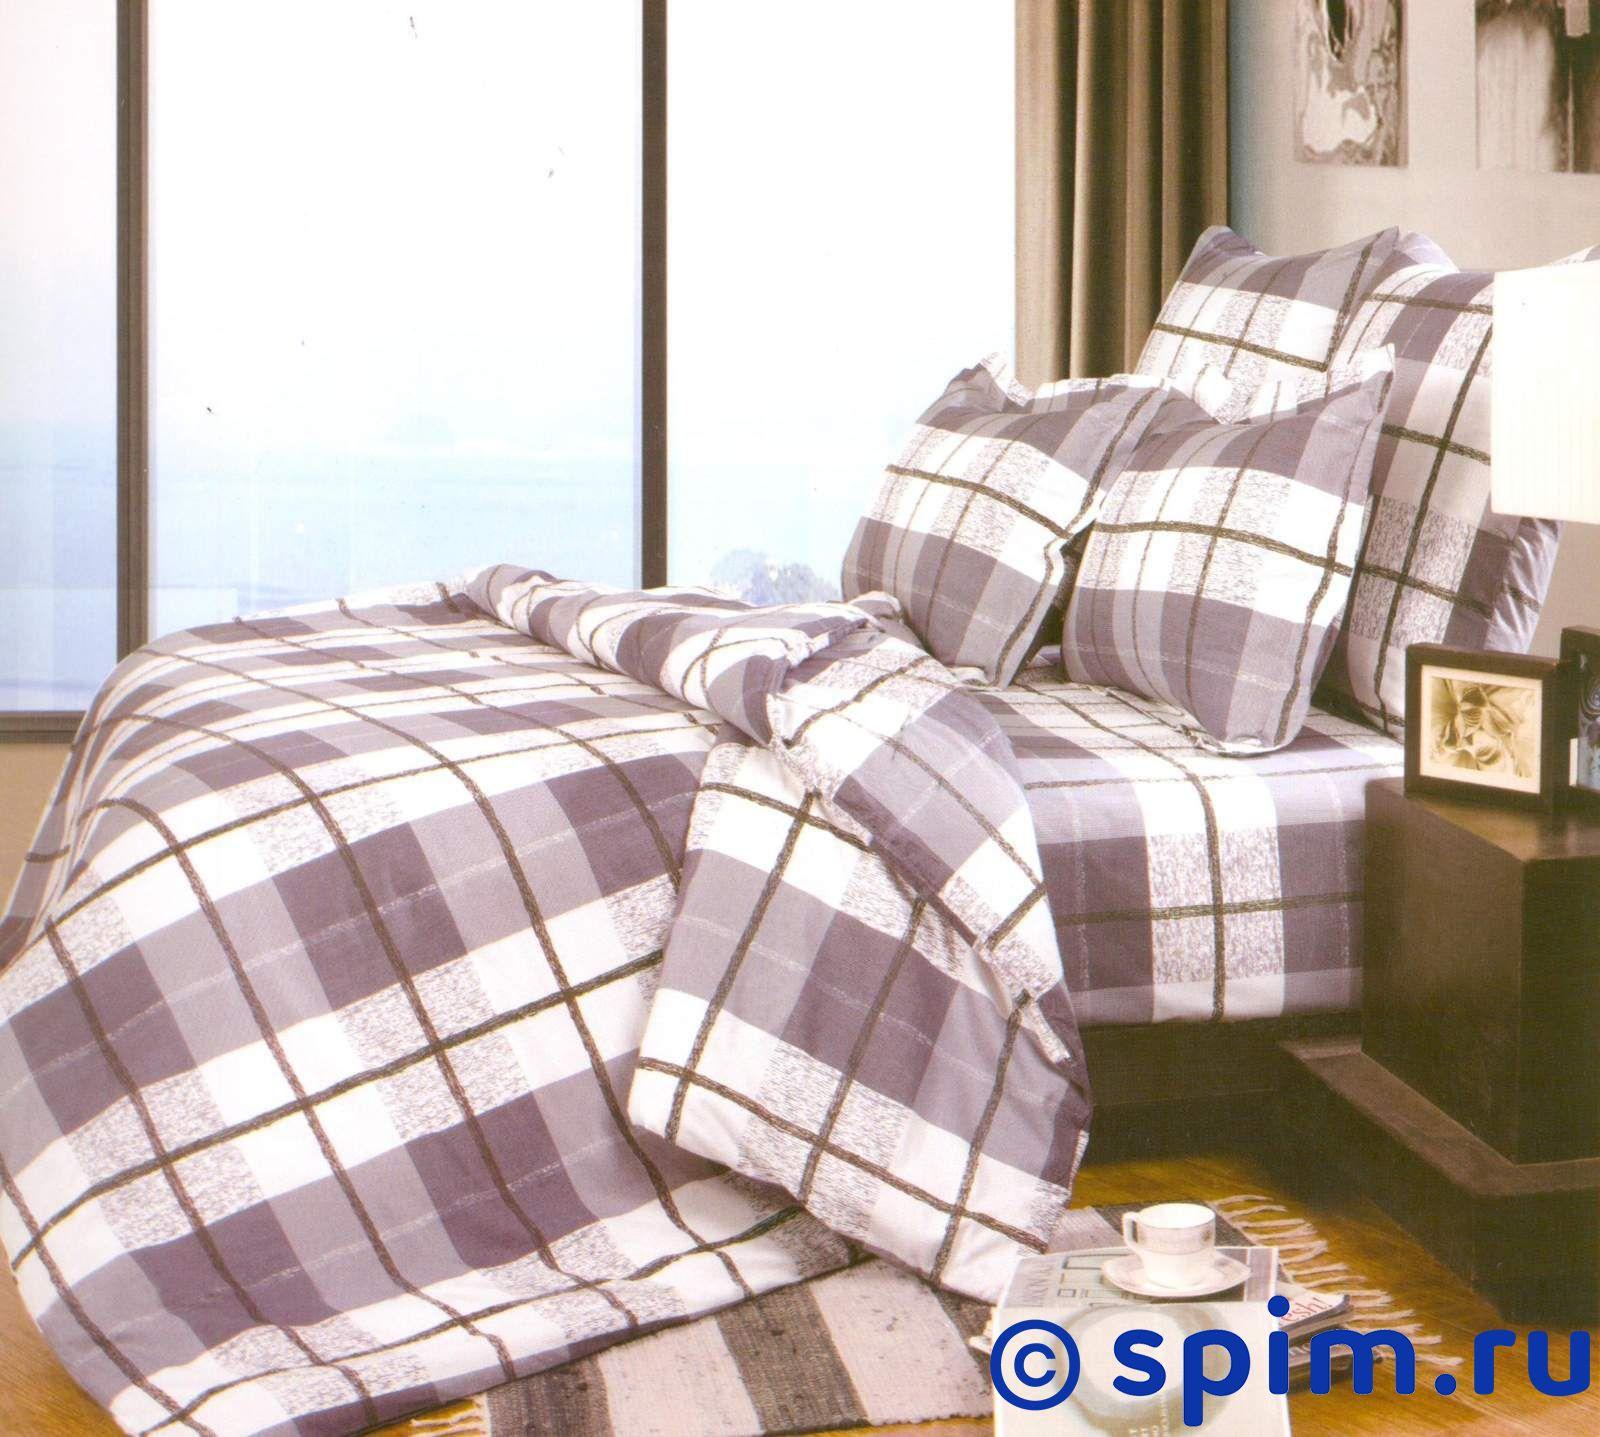 Комплект СайлиД А139 СемейноеПостельное белье СайлиД<br>Материал: 100% хлопок (поплин). Плотность, г/м2: 125. Размер : Семейное<br><br>Размер: Семейное